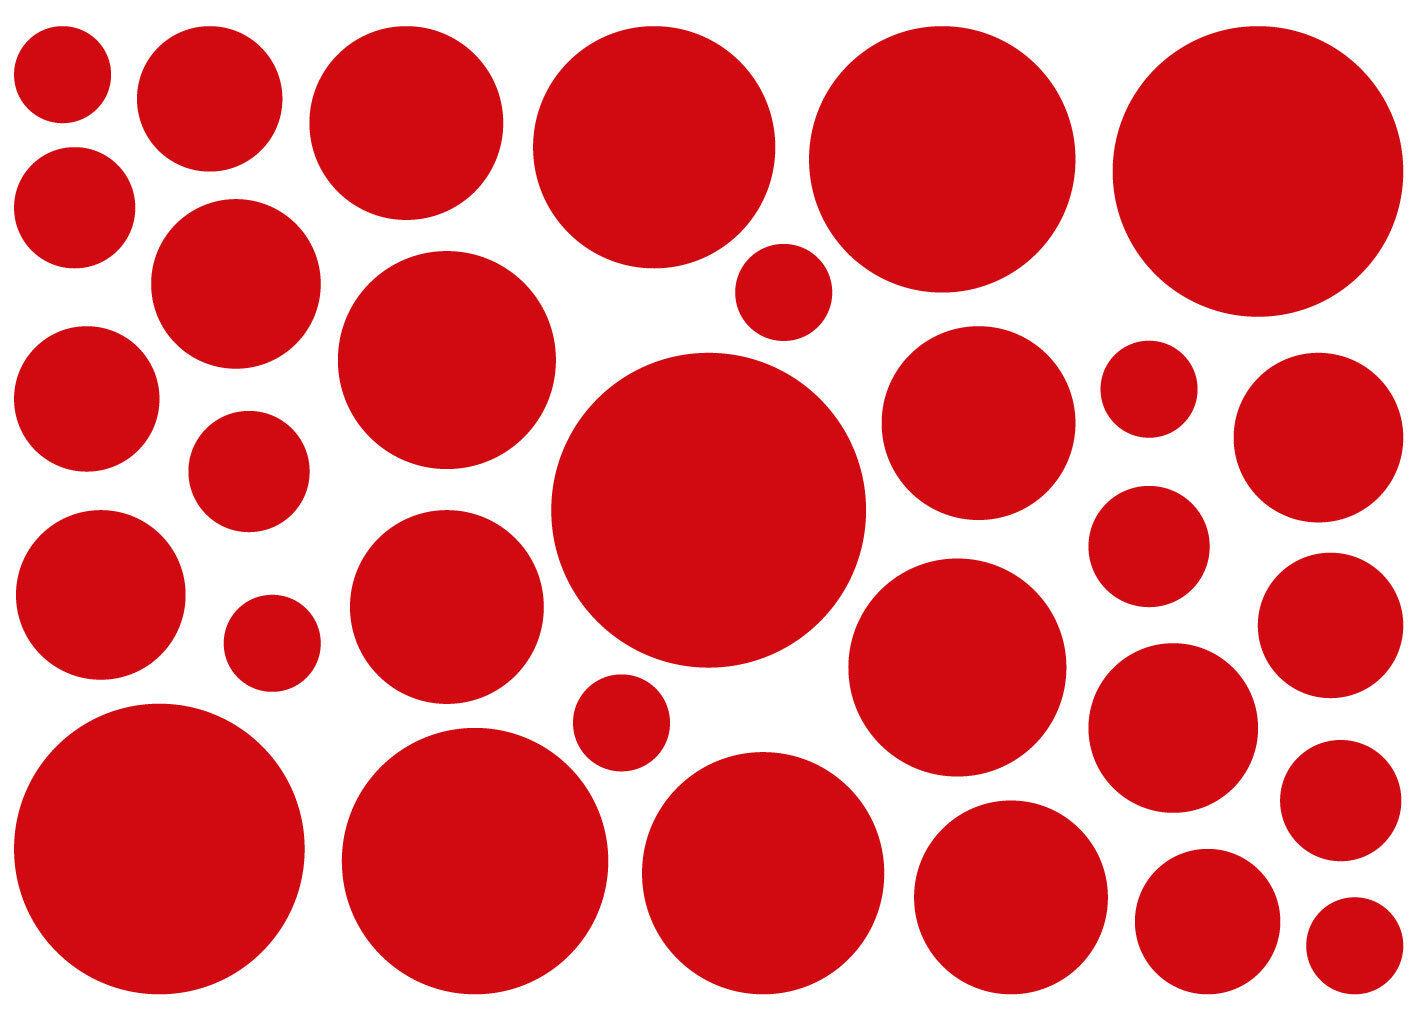 KREISE AUFKLEBER Deko Sticker Retro Kreis Punkte Wandtattoo Rund Möbel Fenster